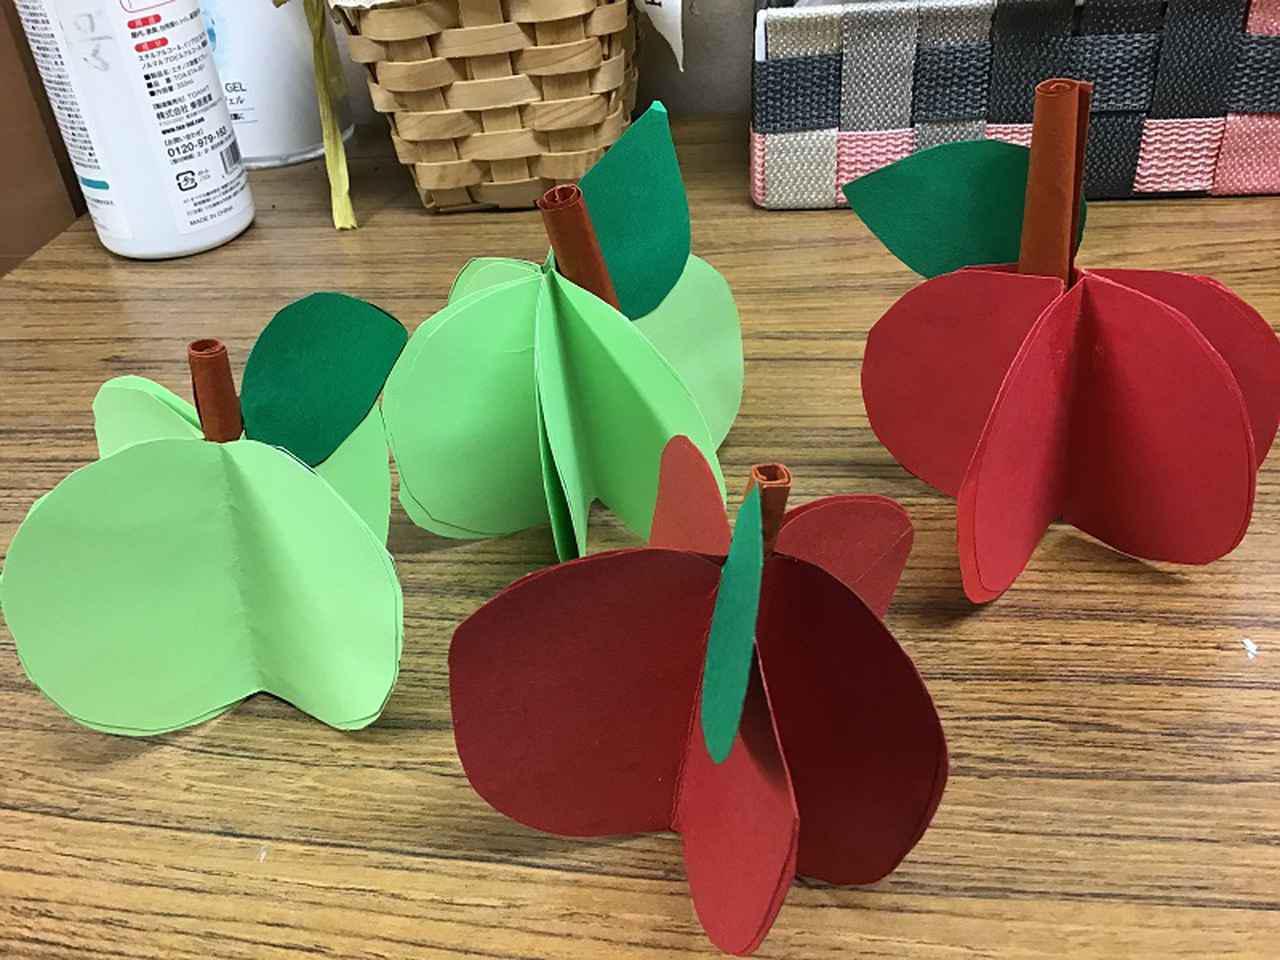 画像5: 赤いりんごと緑のりんご